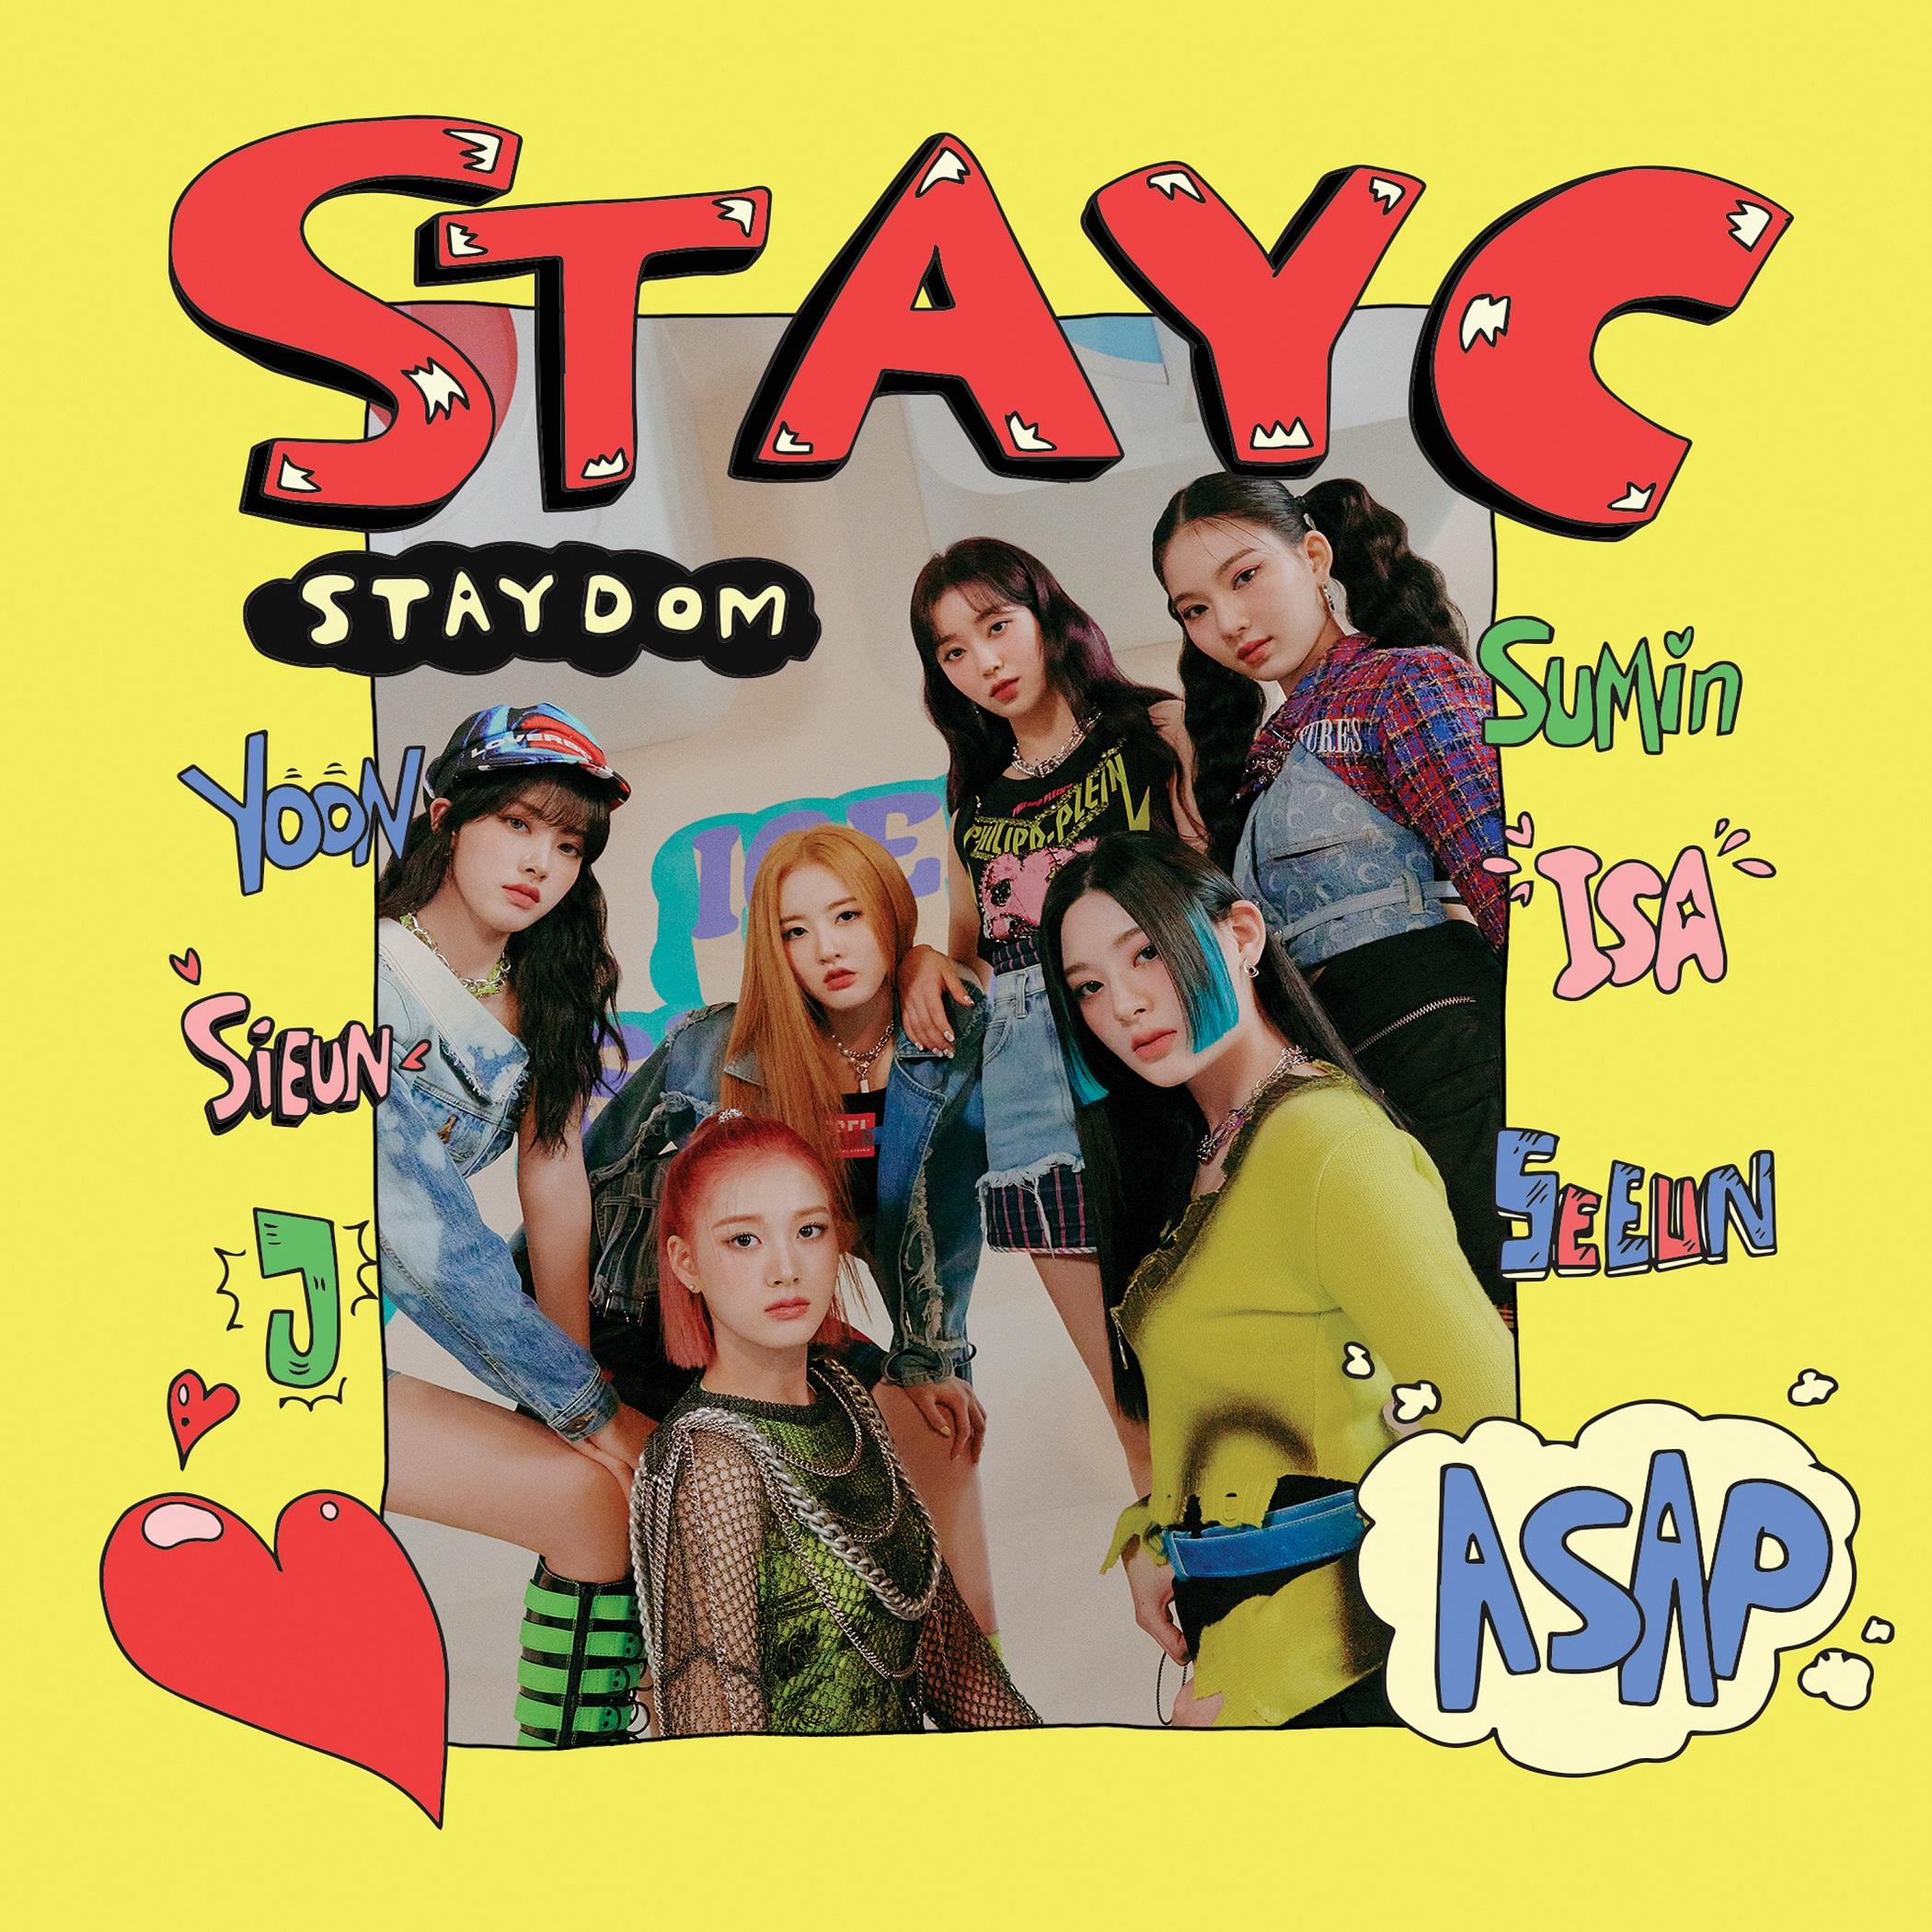 [도서/음반/DVD] 스테이씨 - STAYDOM 싱글2집 앨범, 1CD - 랭킹69위 (12750원)